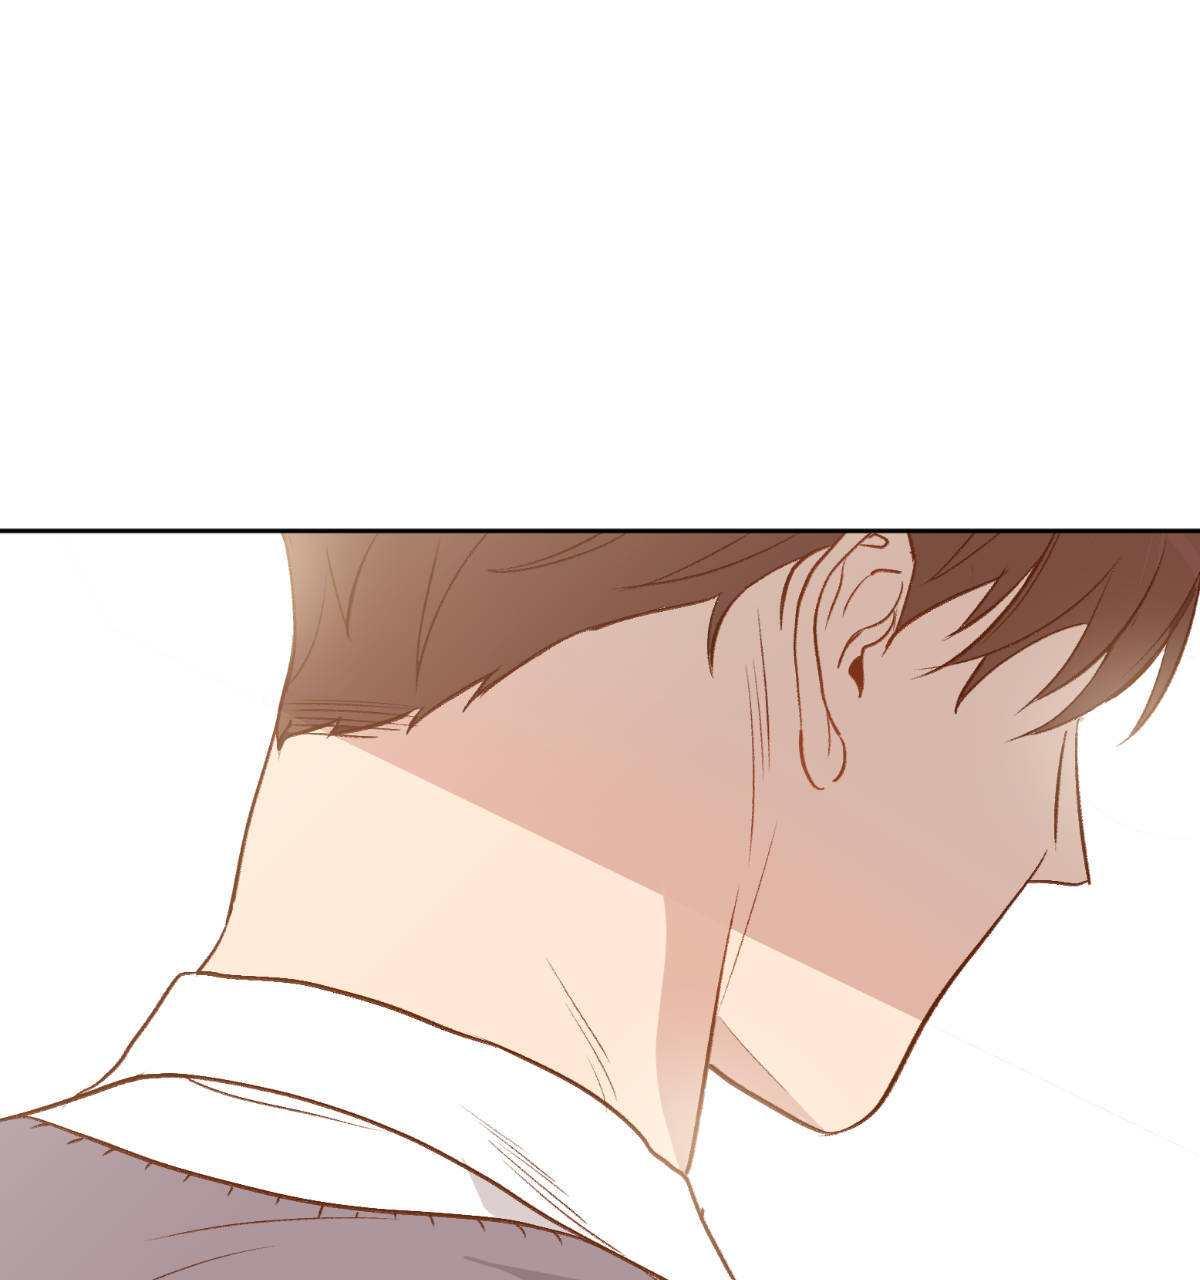 韩漫《新入职员》撩走办公室最可怕的大魔王!  第23张